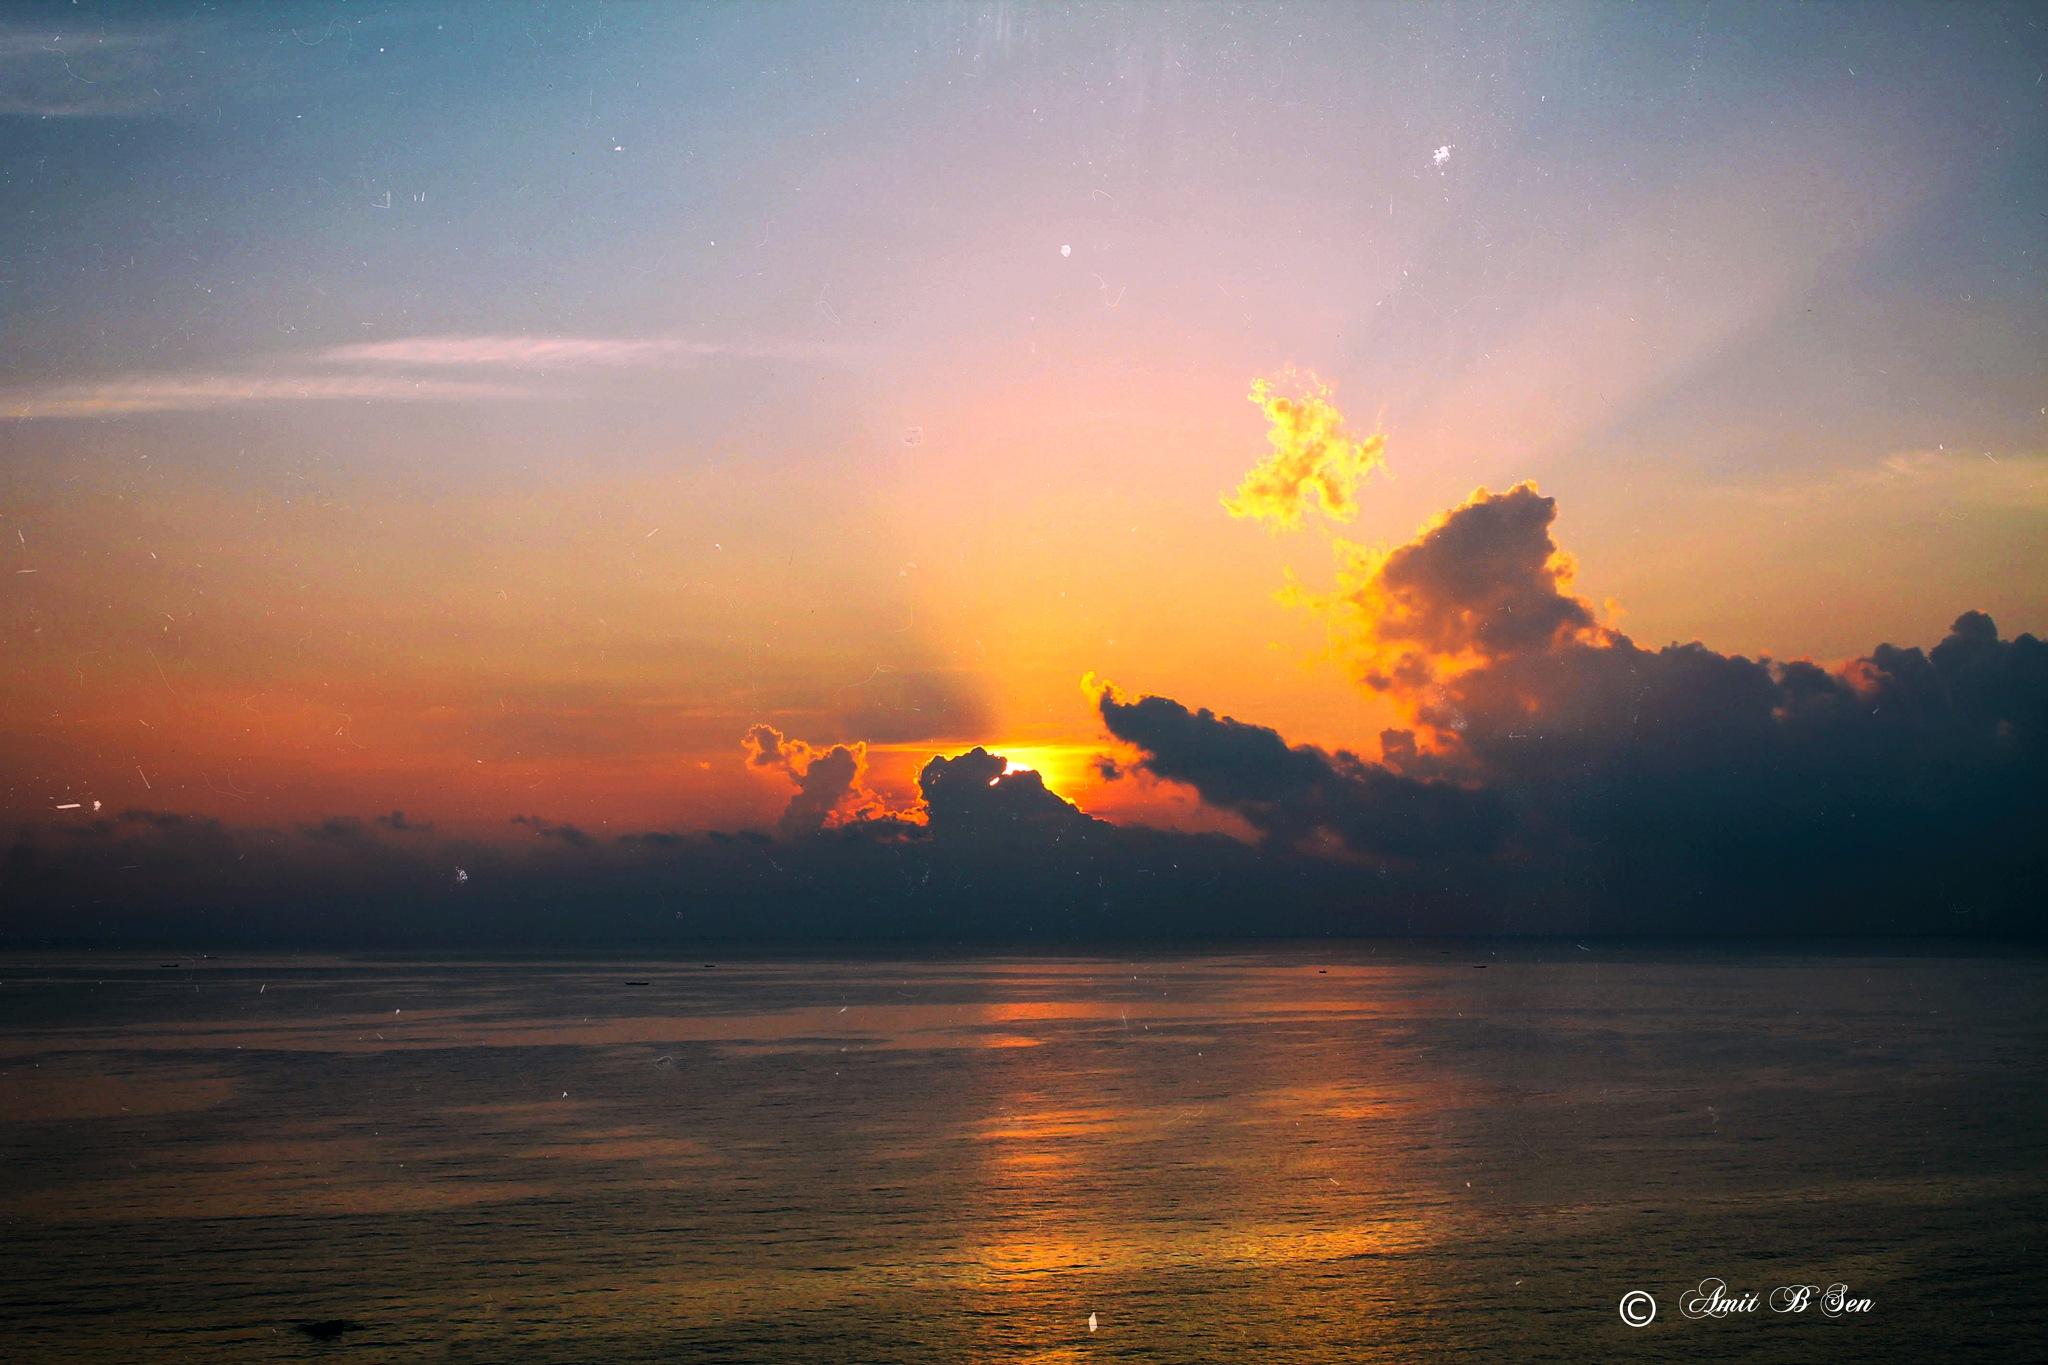 Sun Rise 1 by Amit Baran Sen